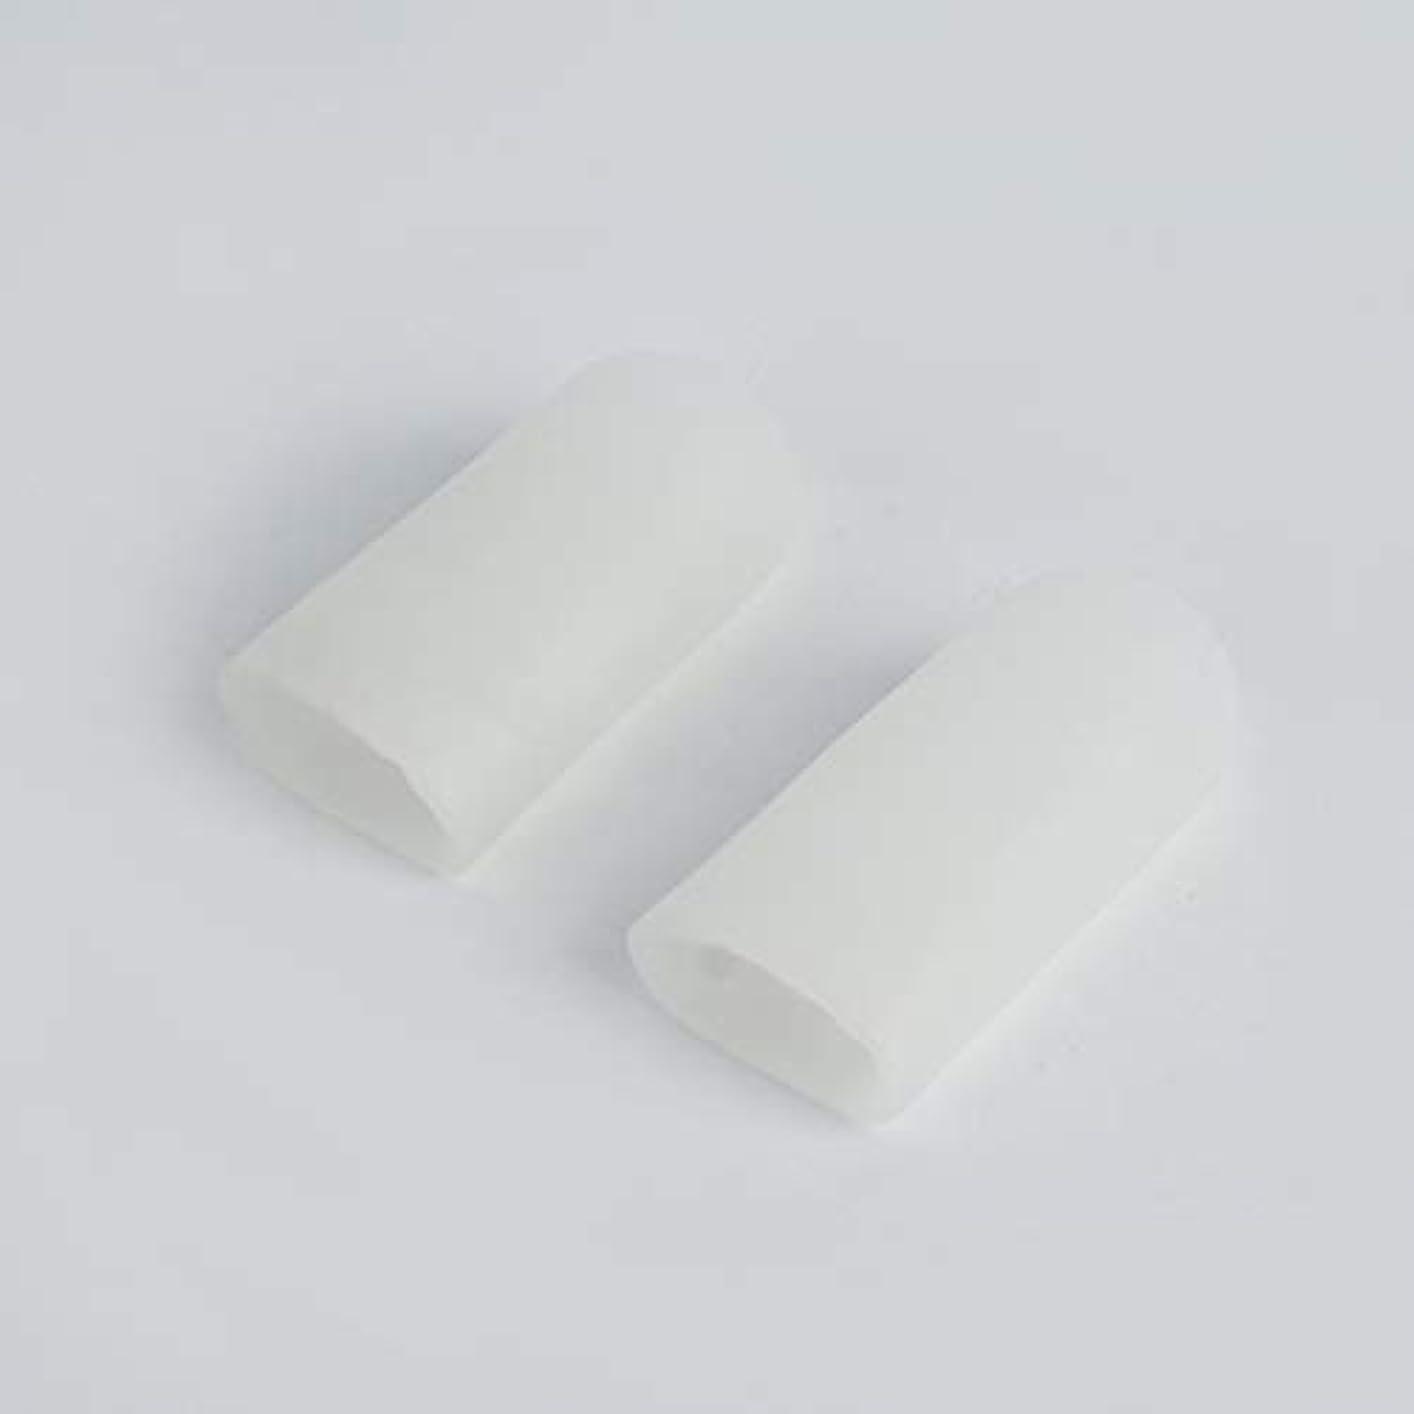 元気なチャーミング満員Open Toe Tubes Gel Lined Fabric Sleeve Protectors To Prevent Corns, Calluses And Blisters While Softening And...